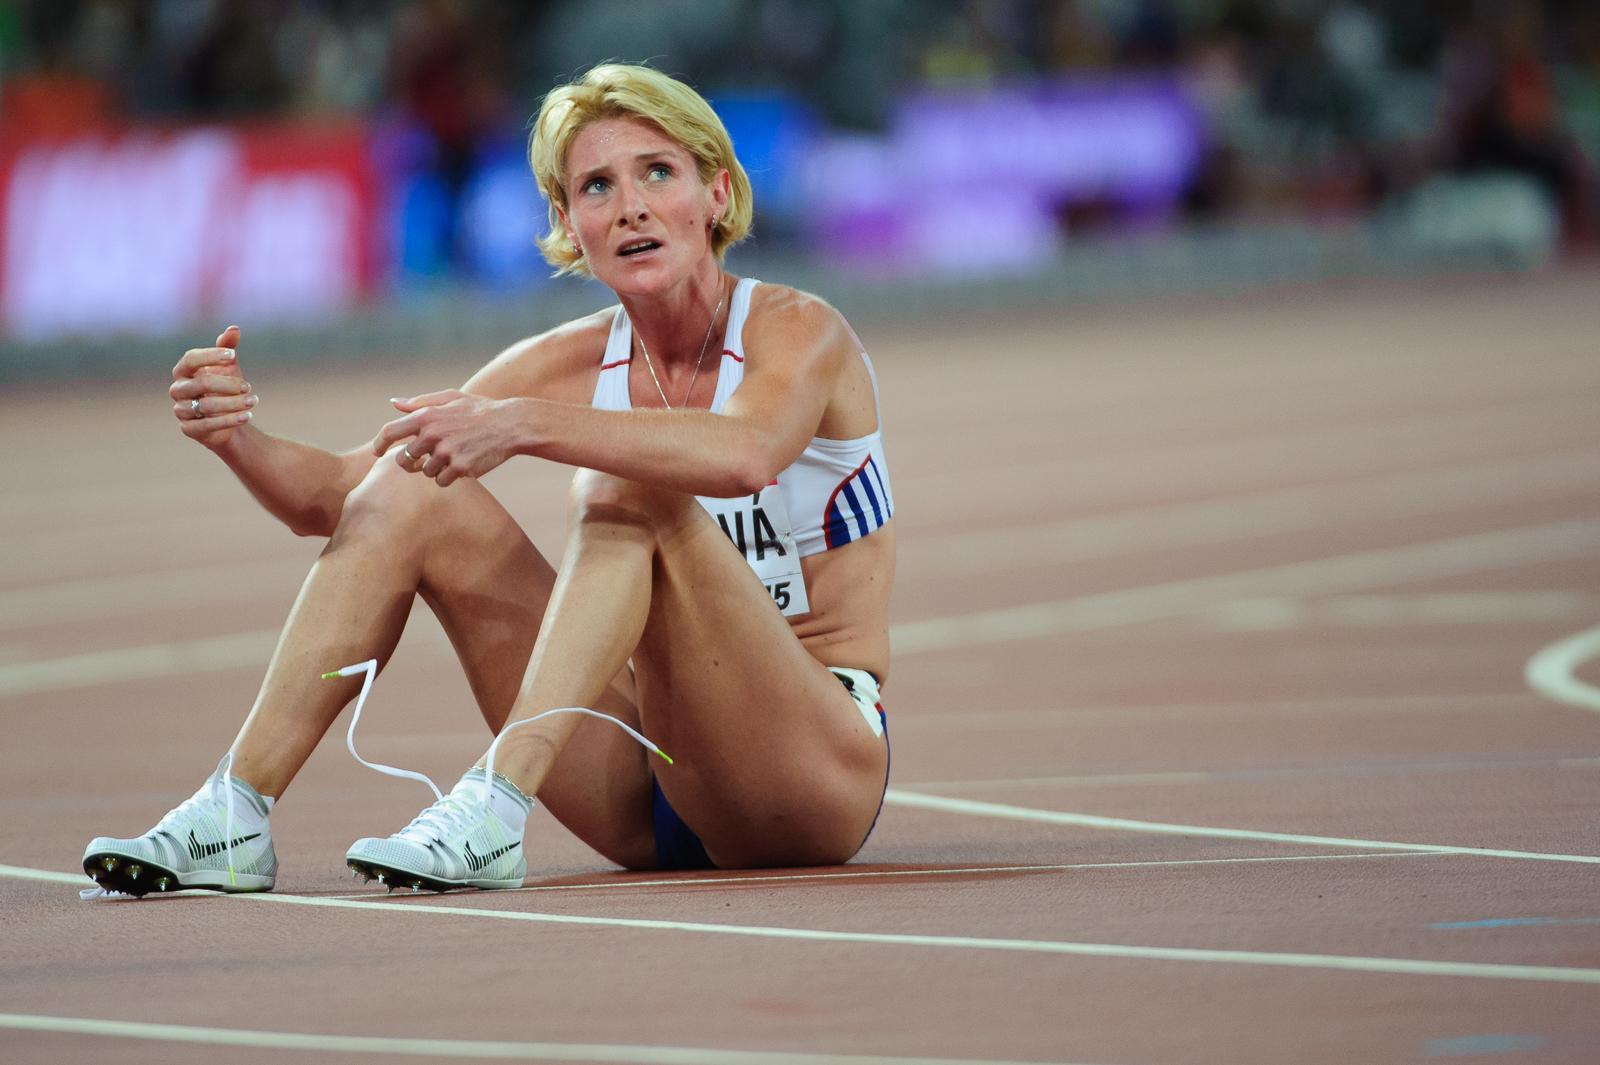 Lucia Klocová po dobehnutí do cieľa behu na 800m počas Majstrovstiev sveta v atletike 2015, 27.08.2015, Peking, Čína